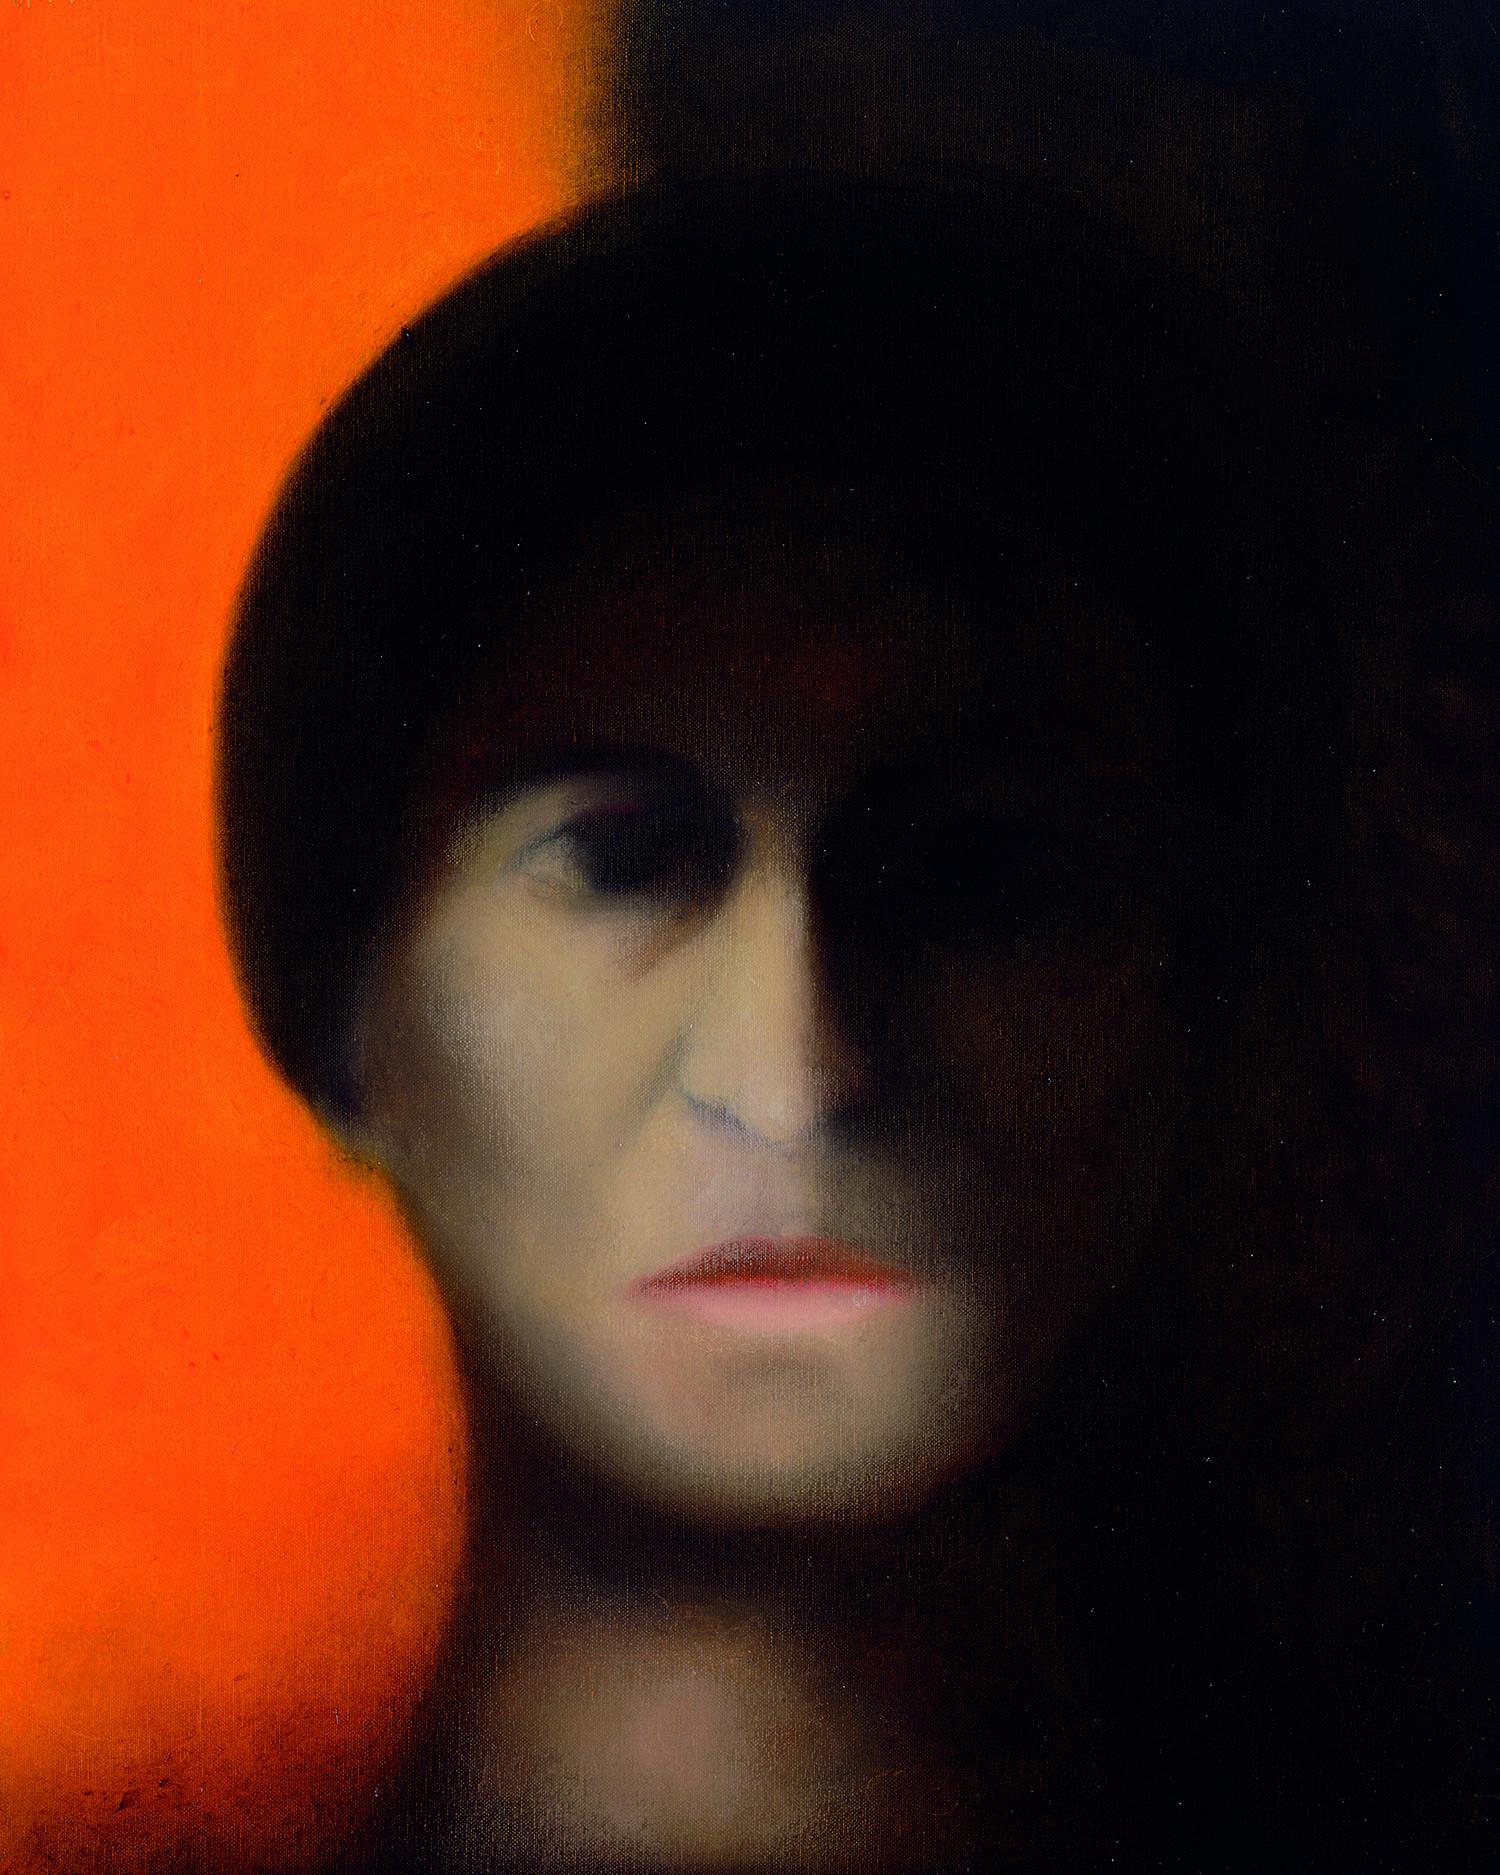 Ombra. Josep Navarro Vives. 2000, oli sobre tela, cm 41 x 33.